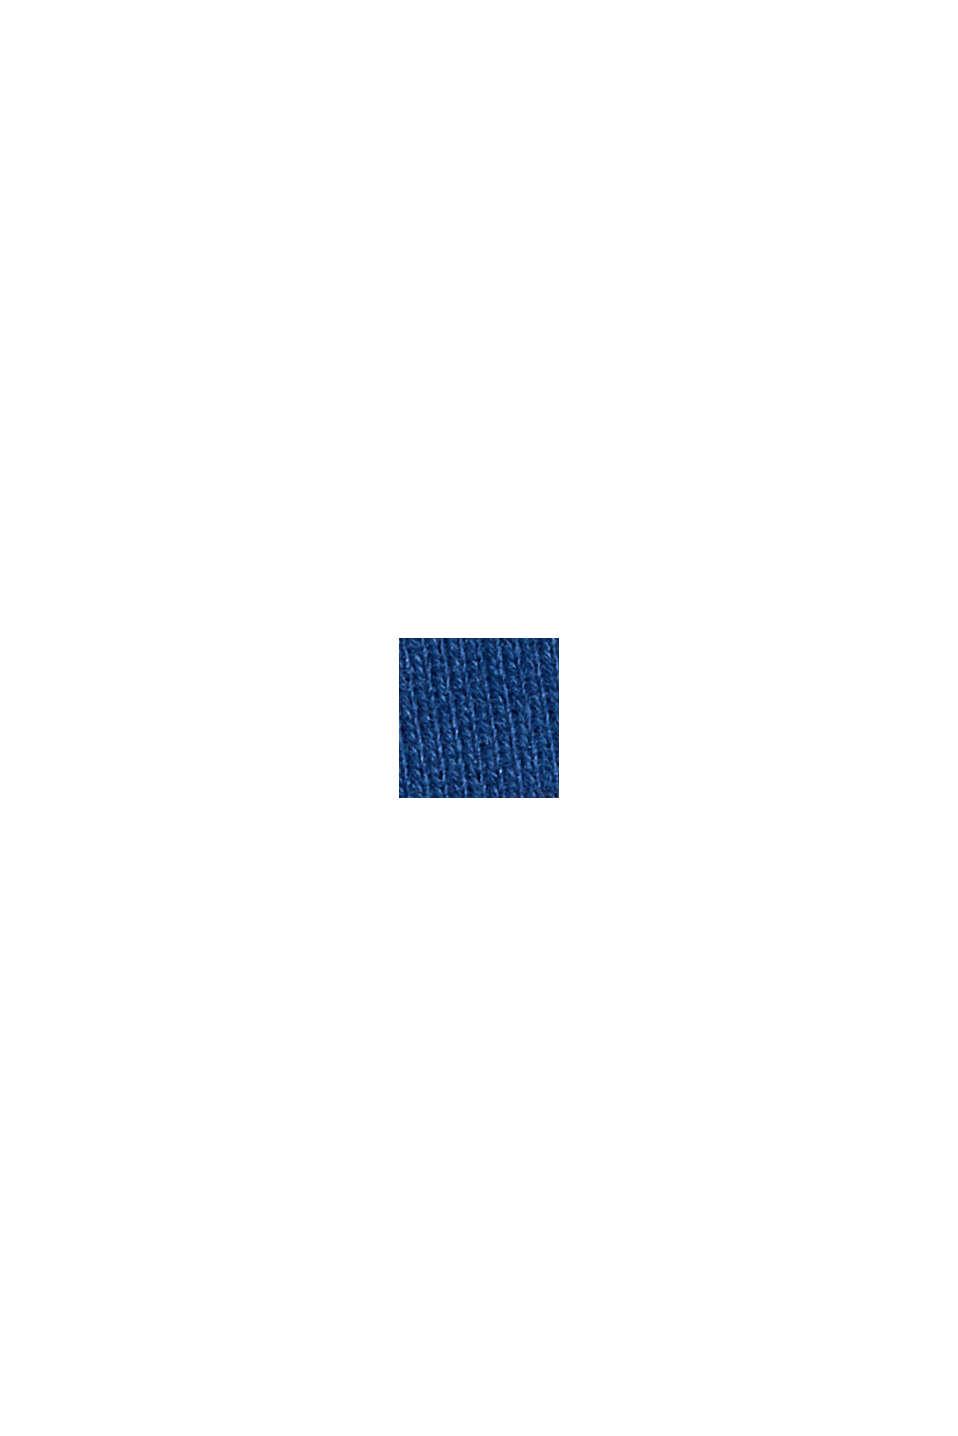 Sweatshirt in 100% cotton, DARK BLUE, swatch